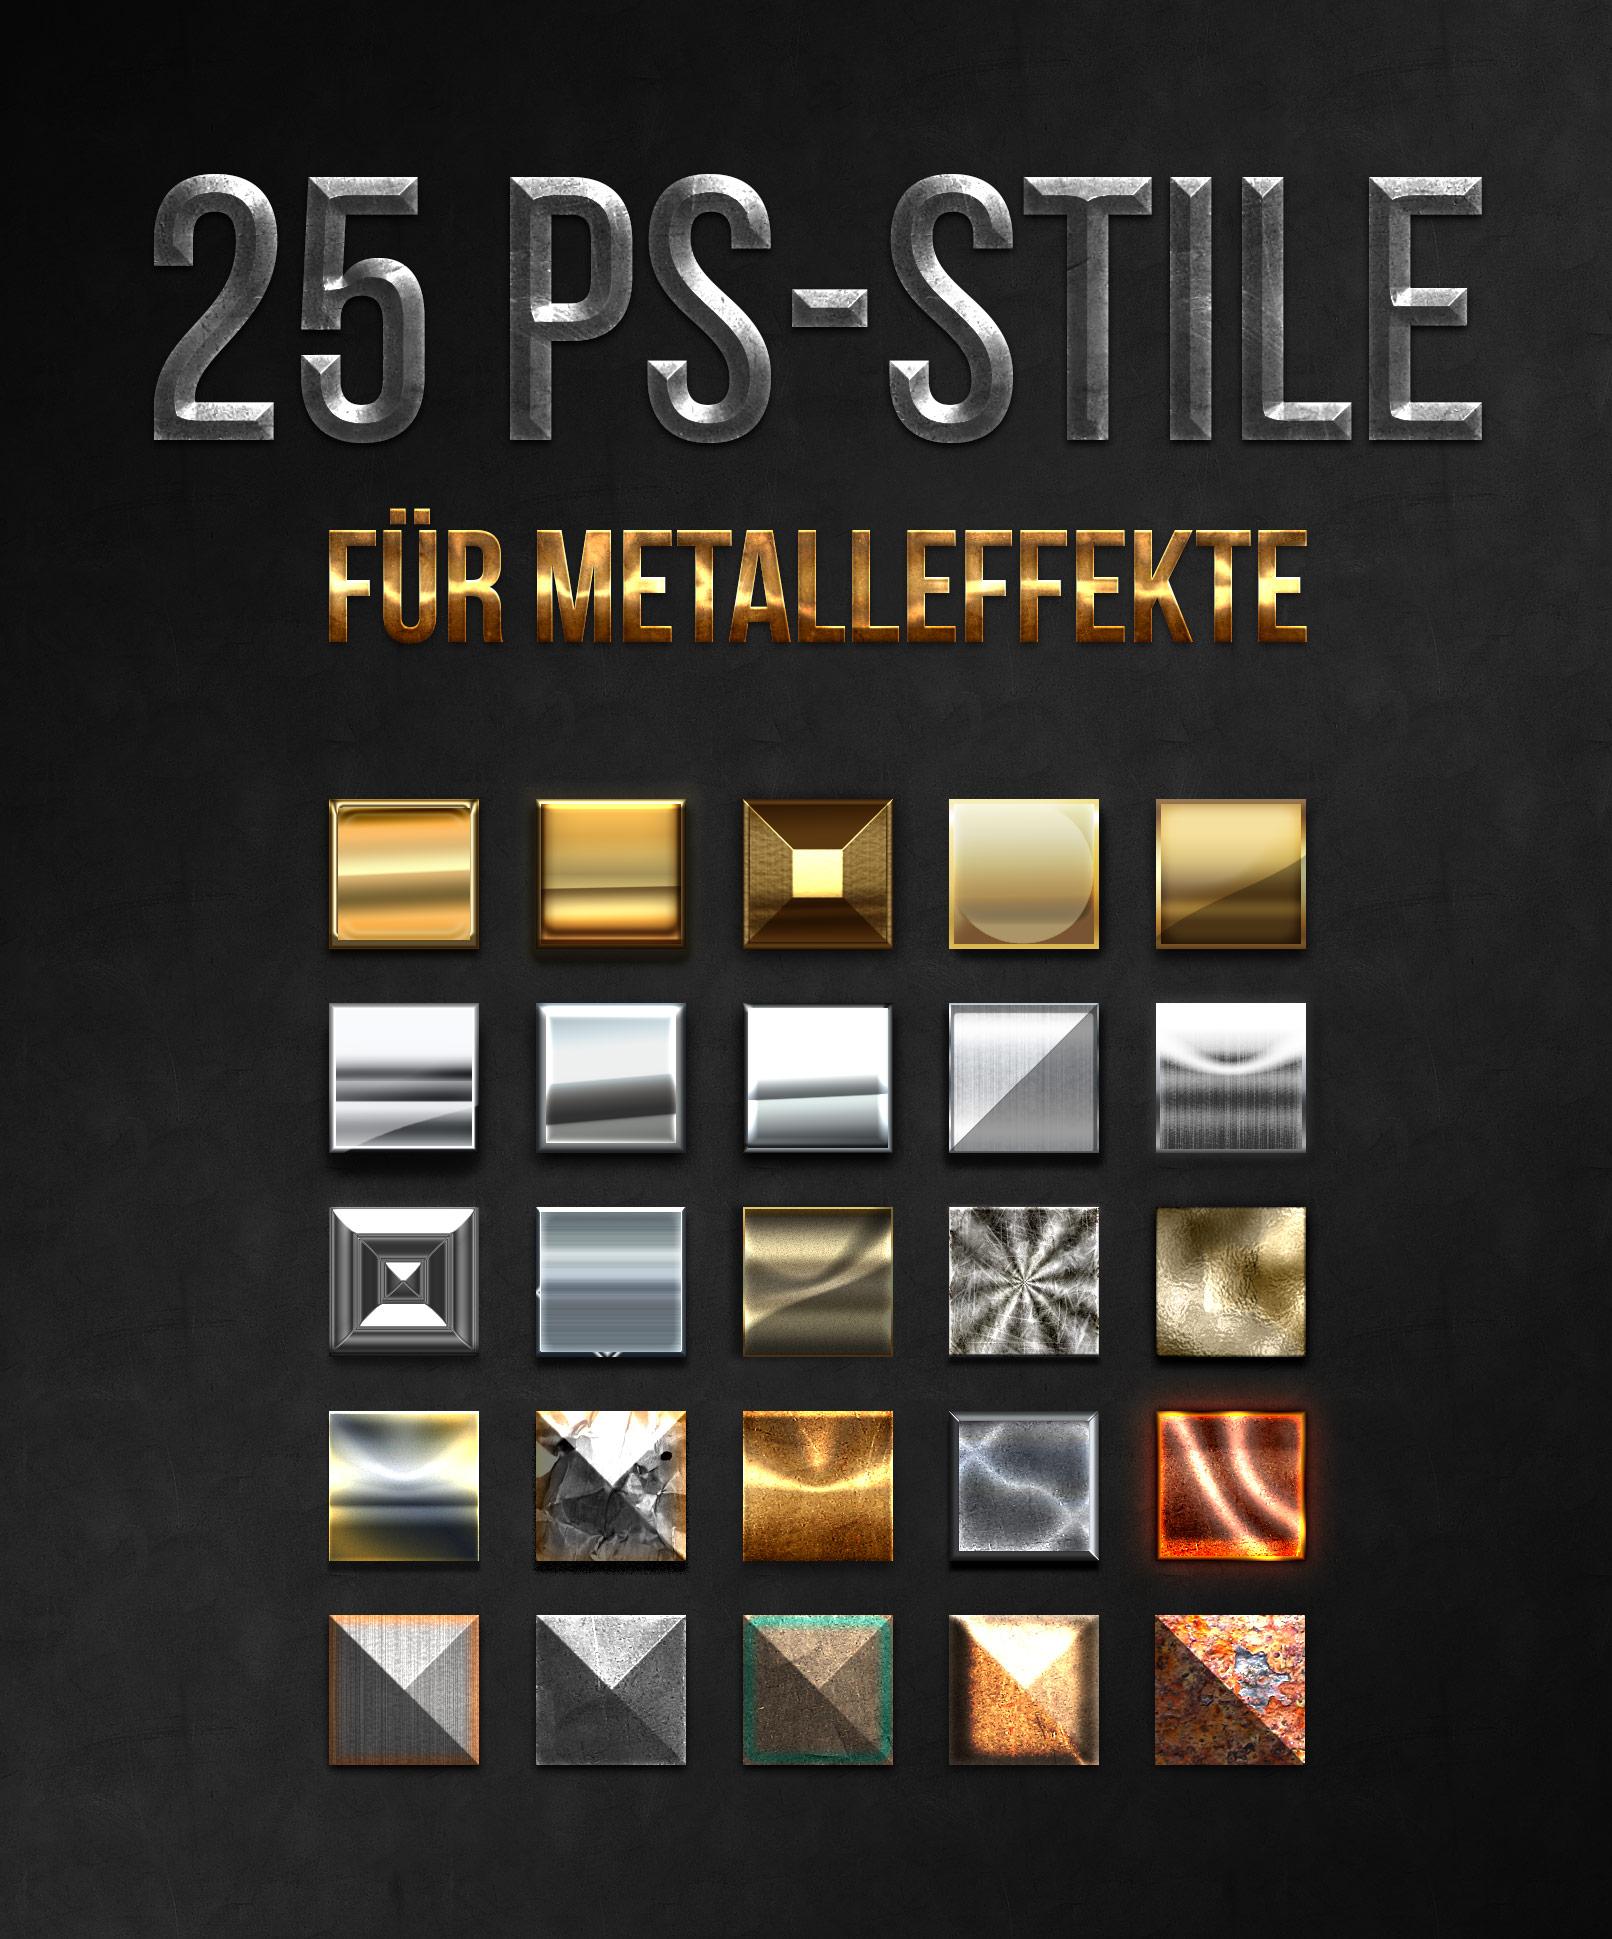 25 Photoshop Stile für Metall-Effekte, inklusive Gold und Silber